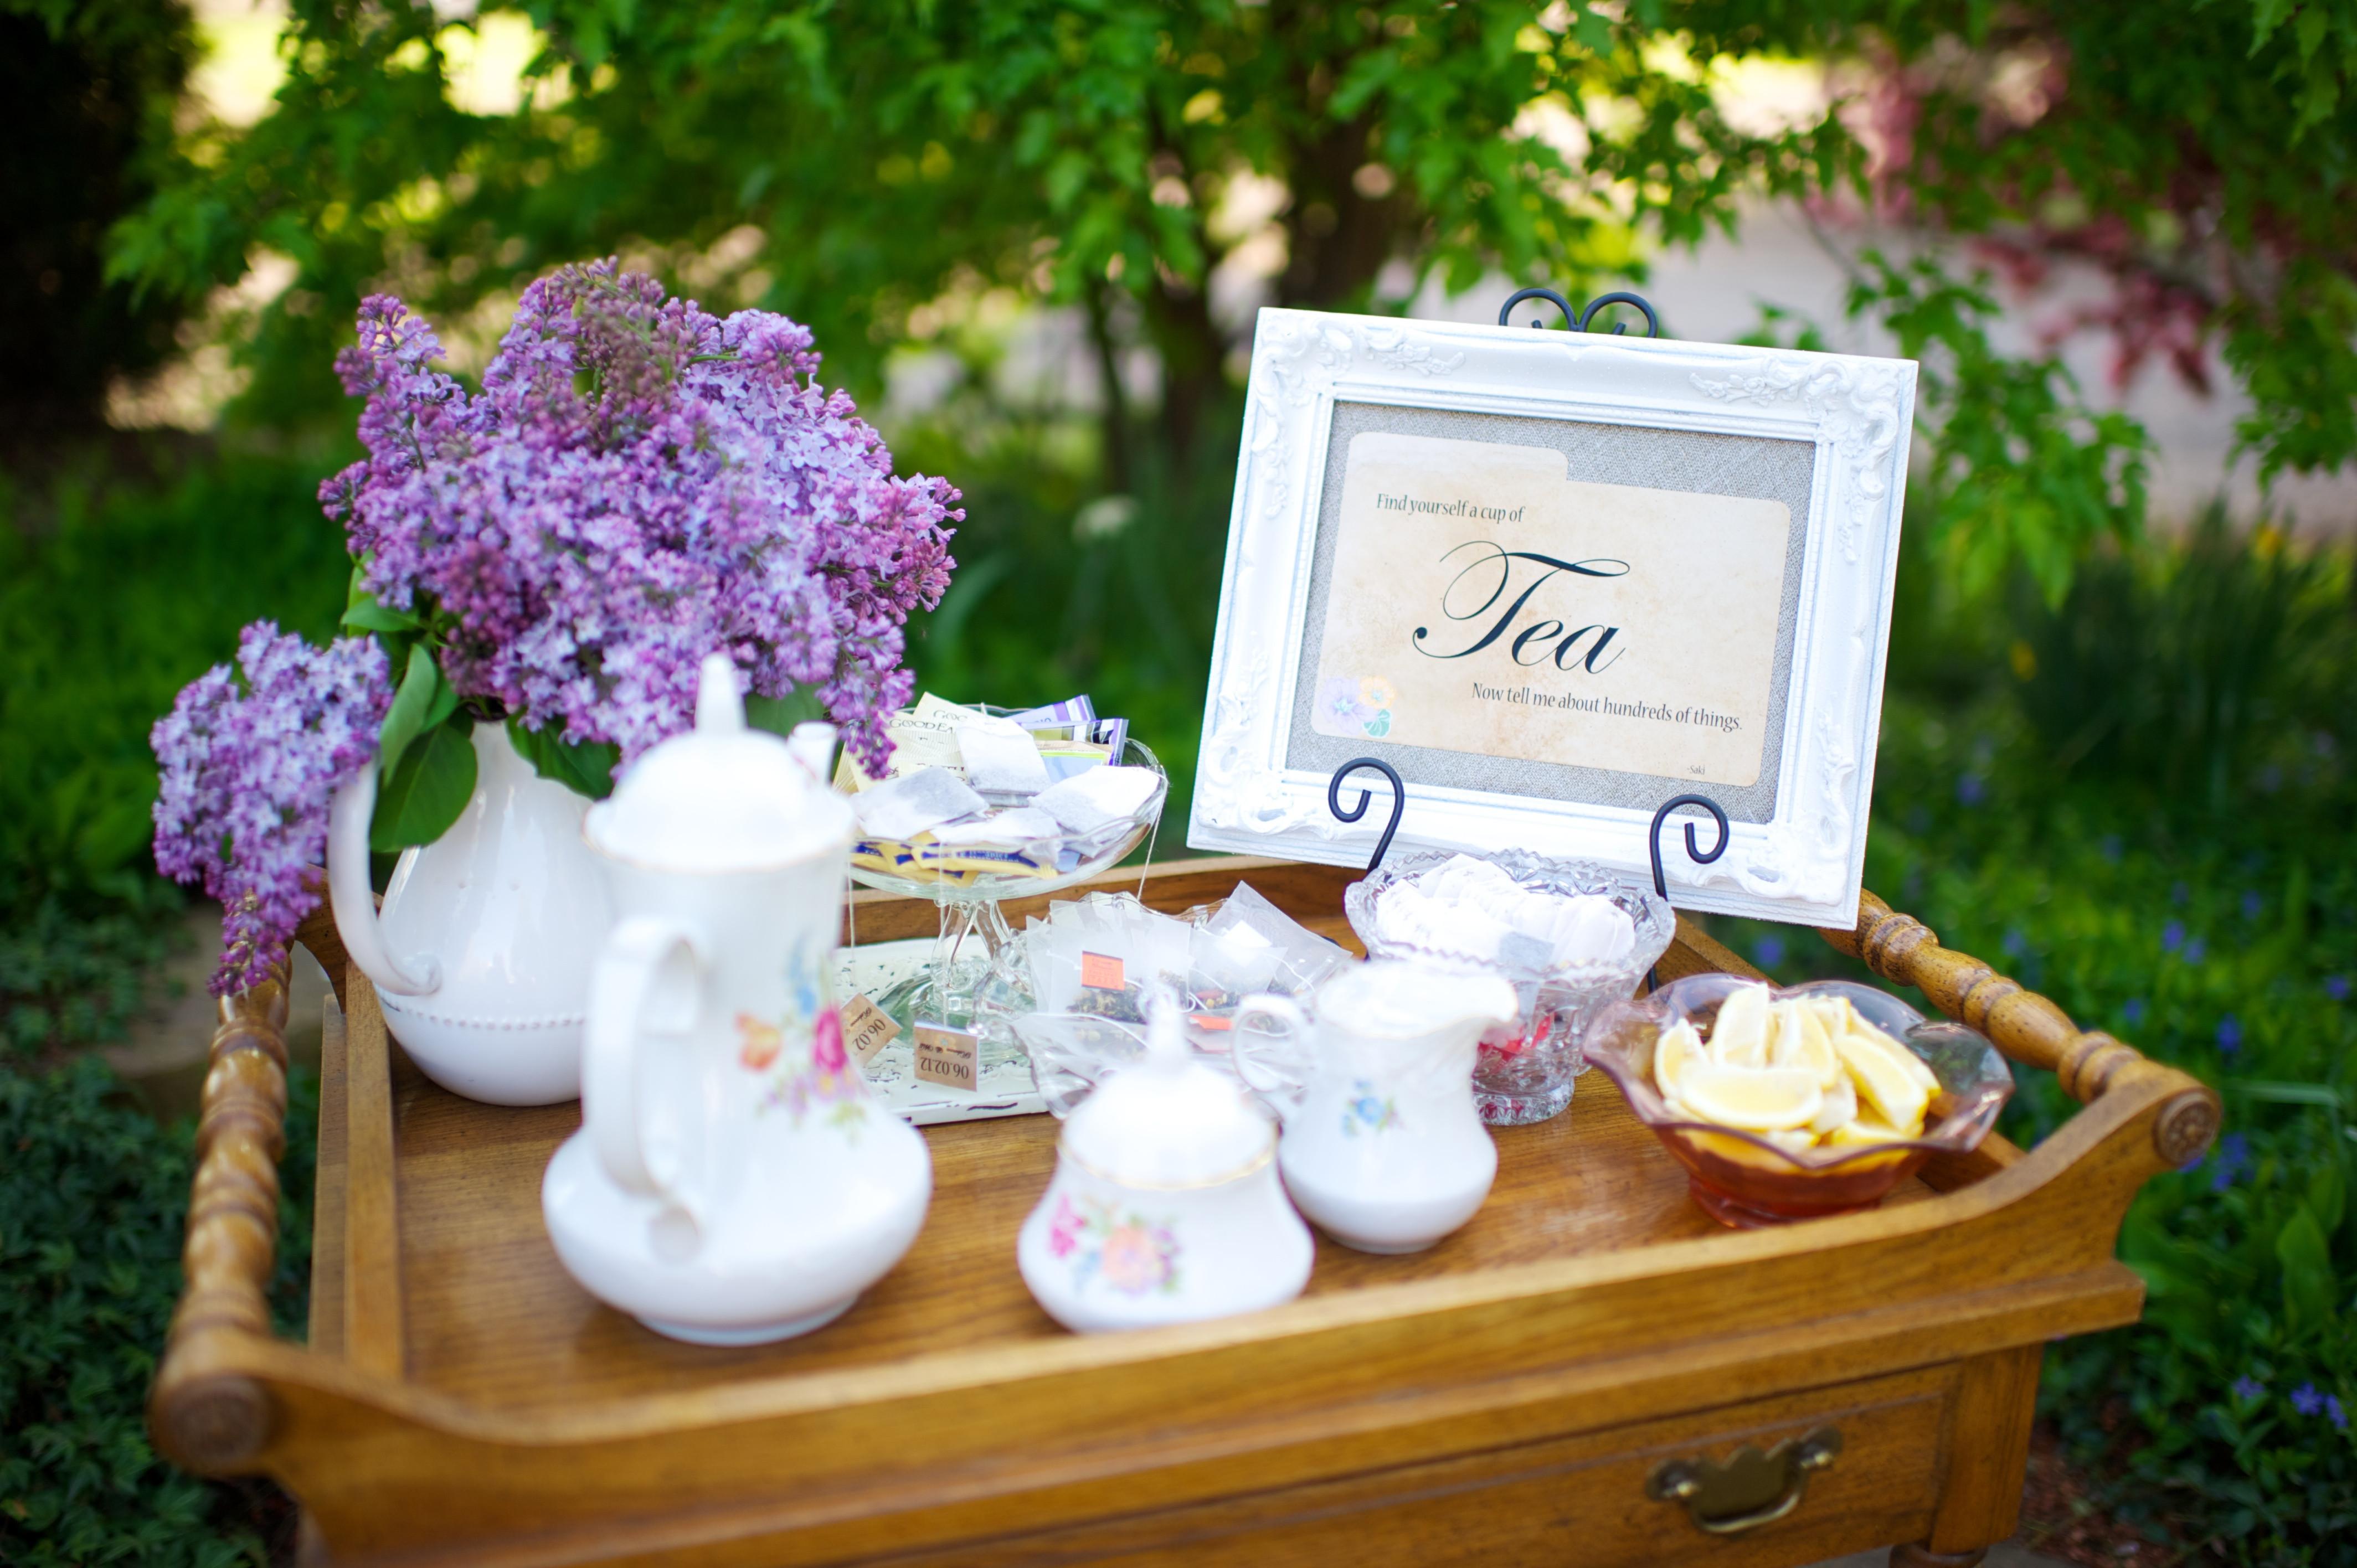 Tea Party Ideas  Armenian Nutmeg Cake for a Fabulous Spring Tea Party